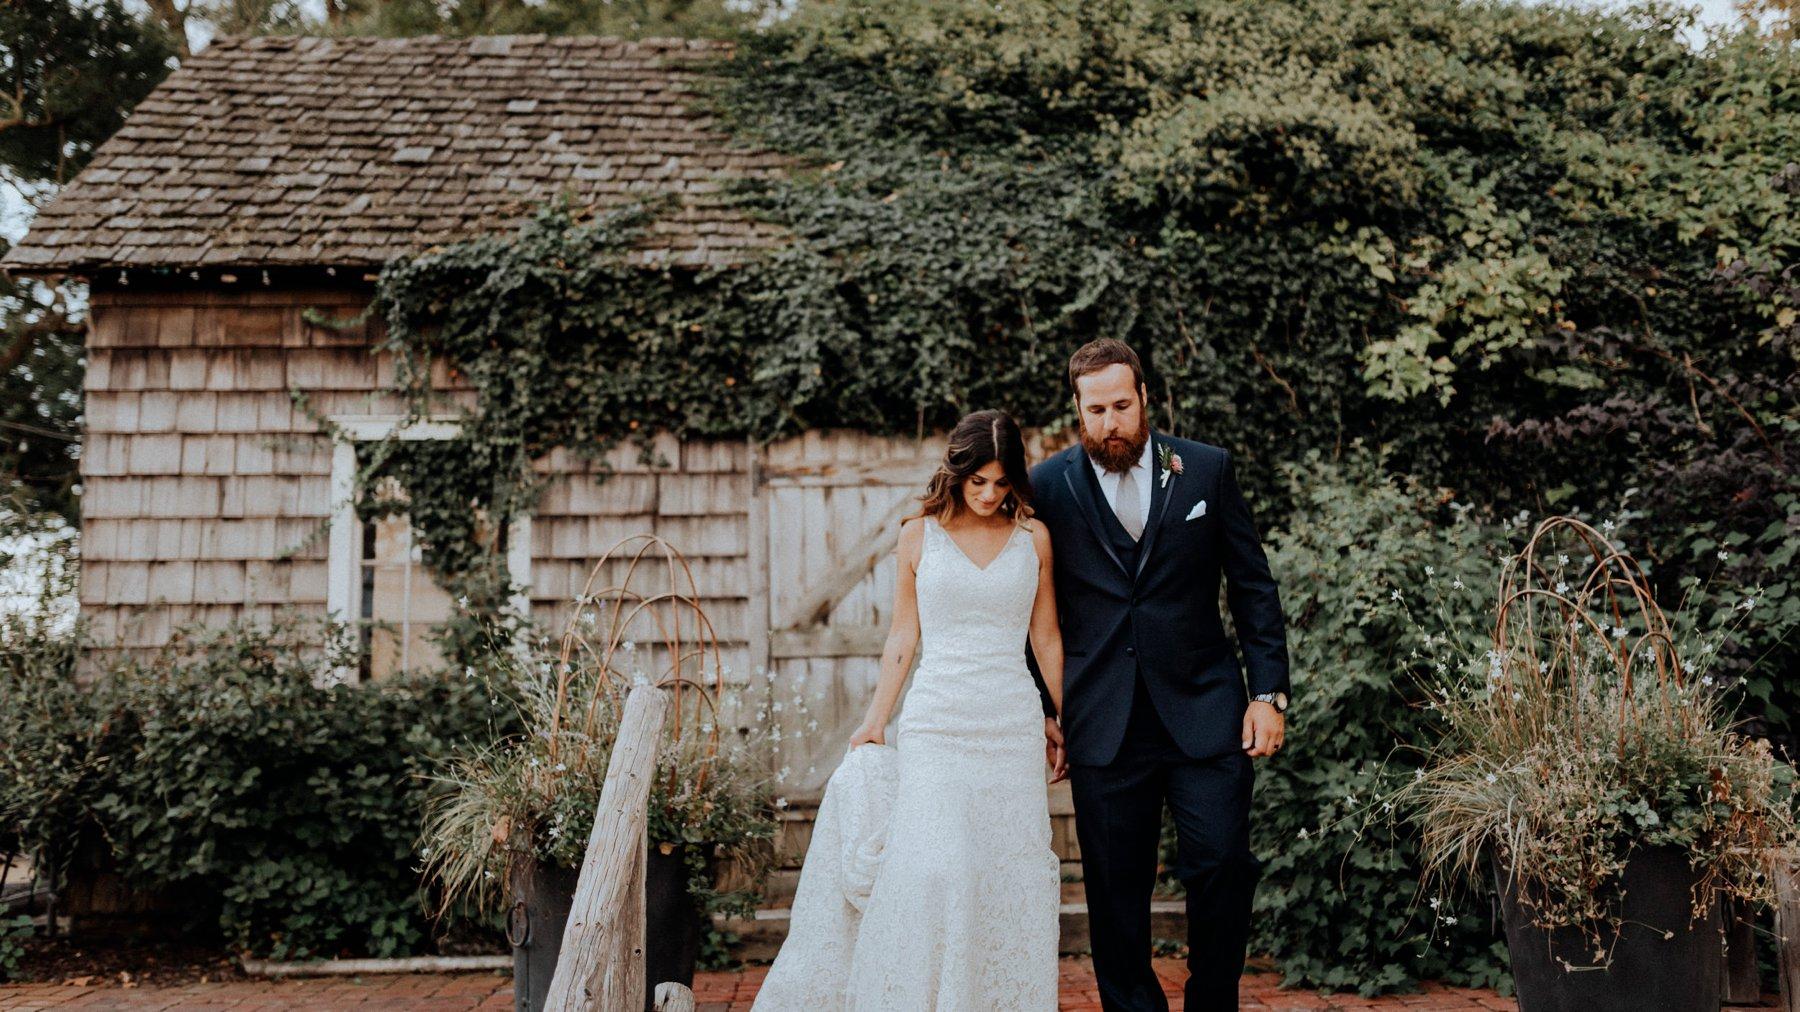 143-134-terrain-wedding-14.jpg